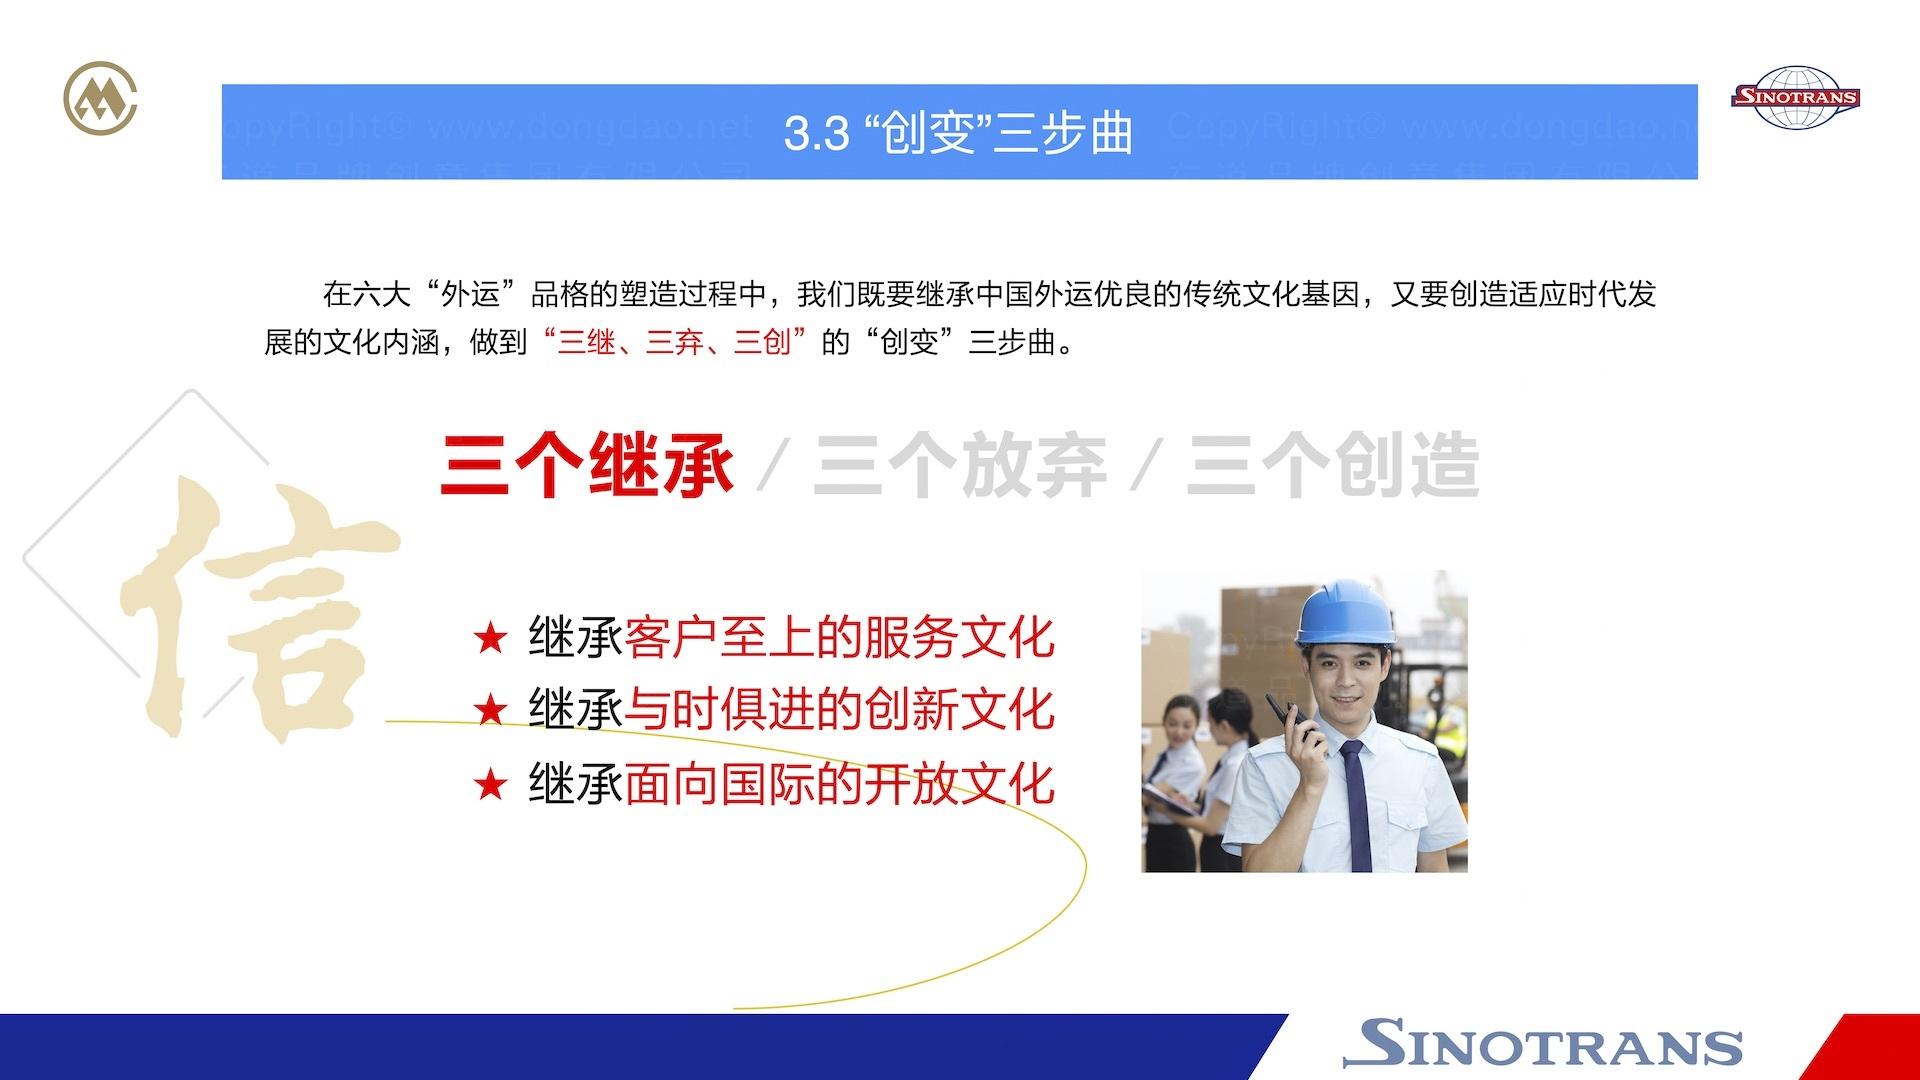 品牌战略&企业文化中国外运企业文化落地项目企业文化手册应用场景_6